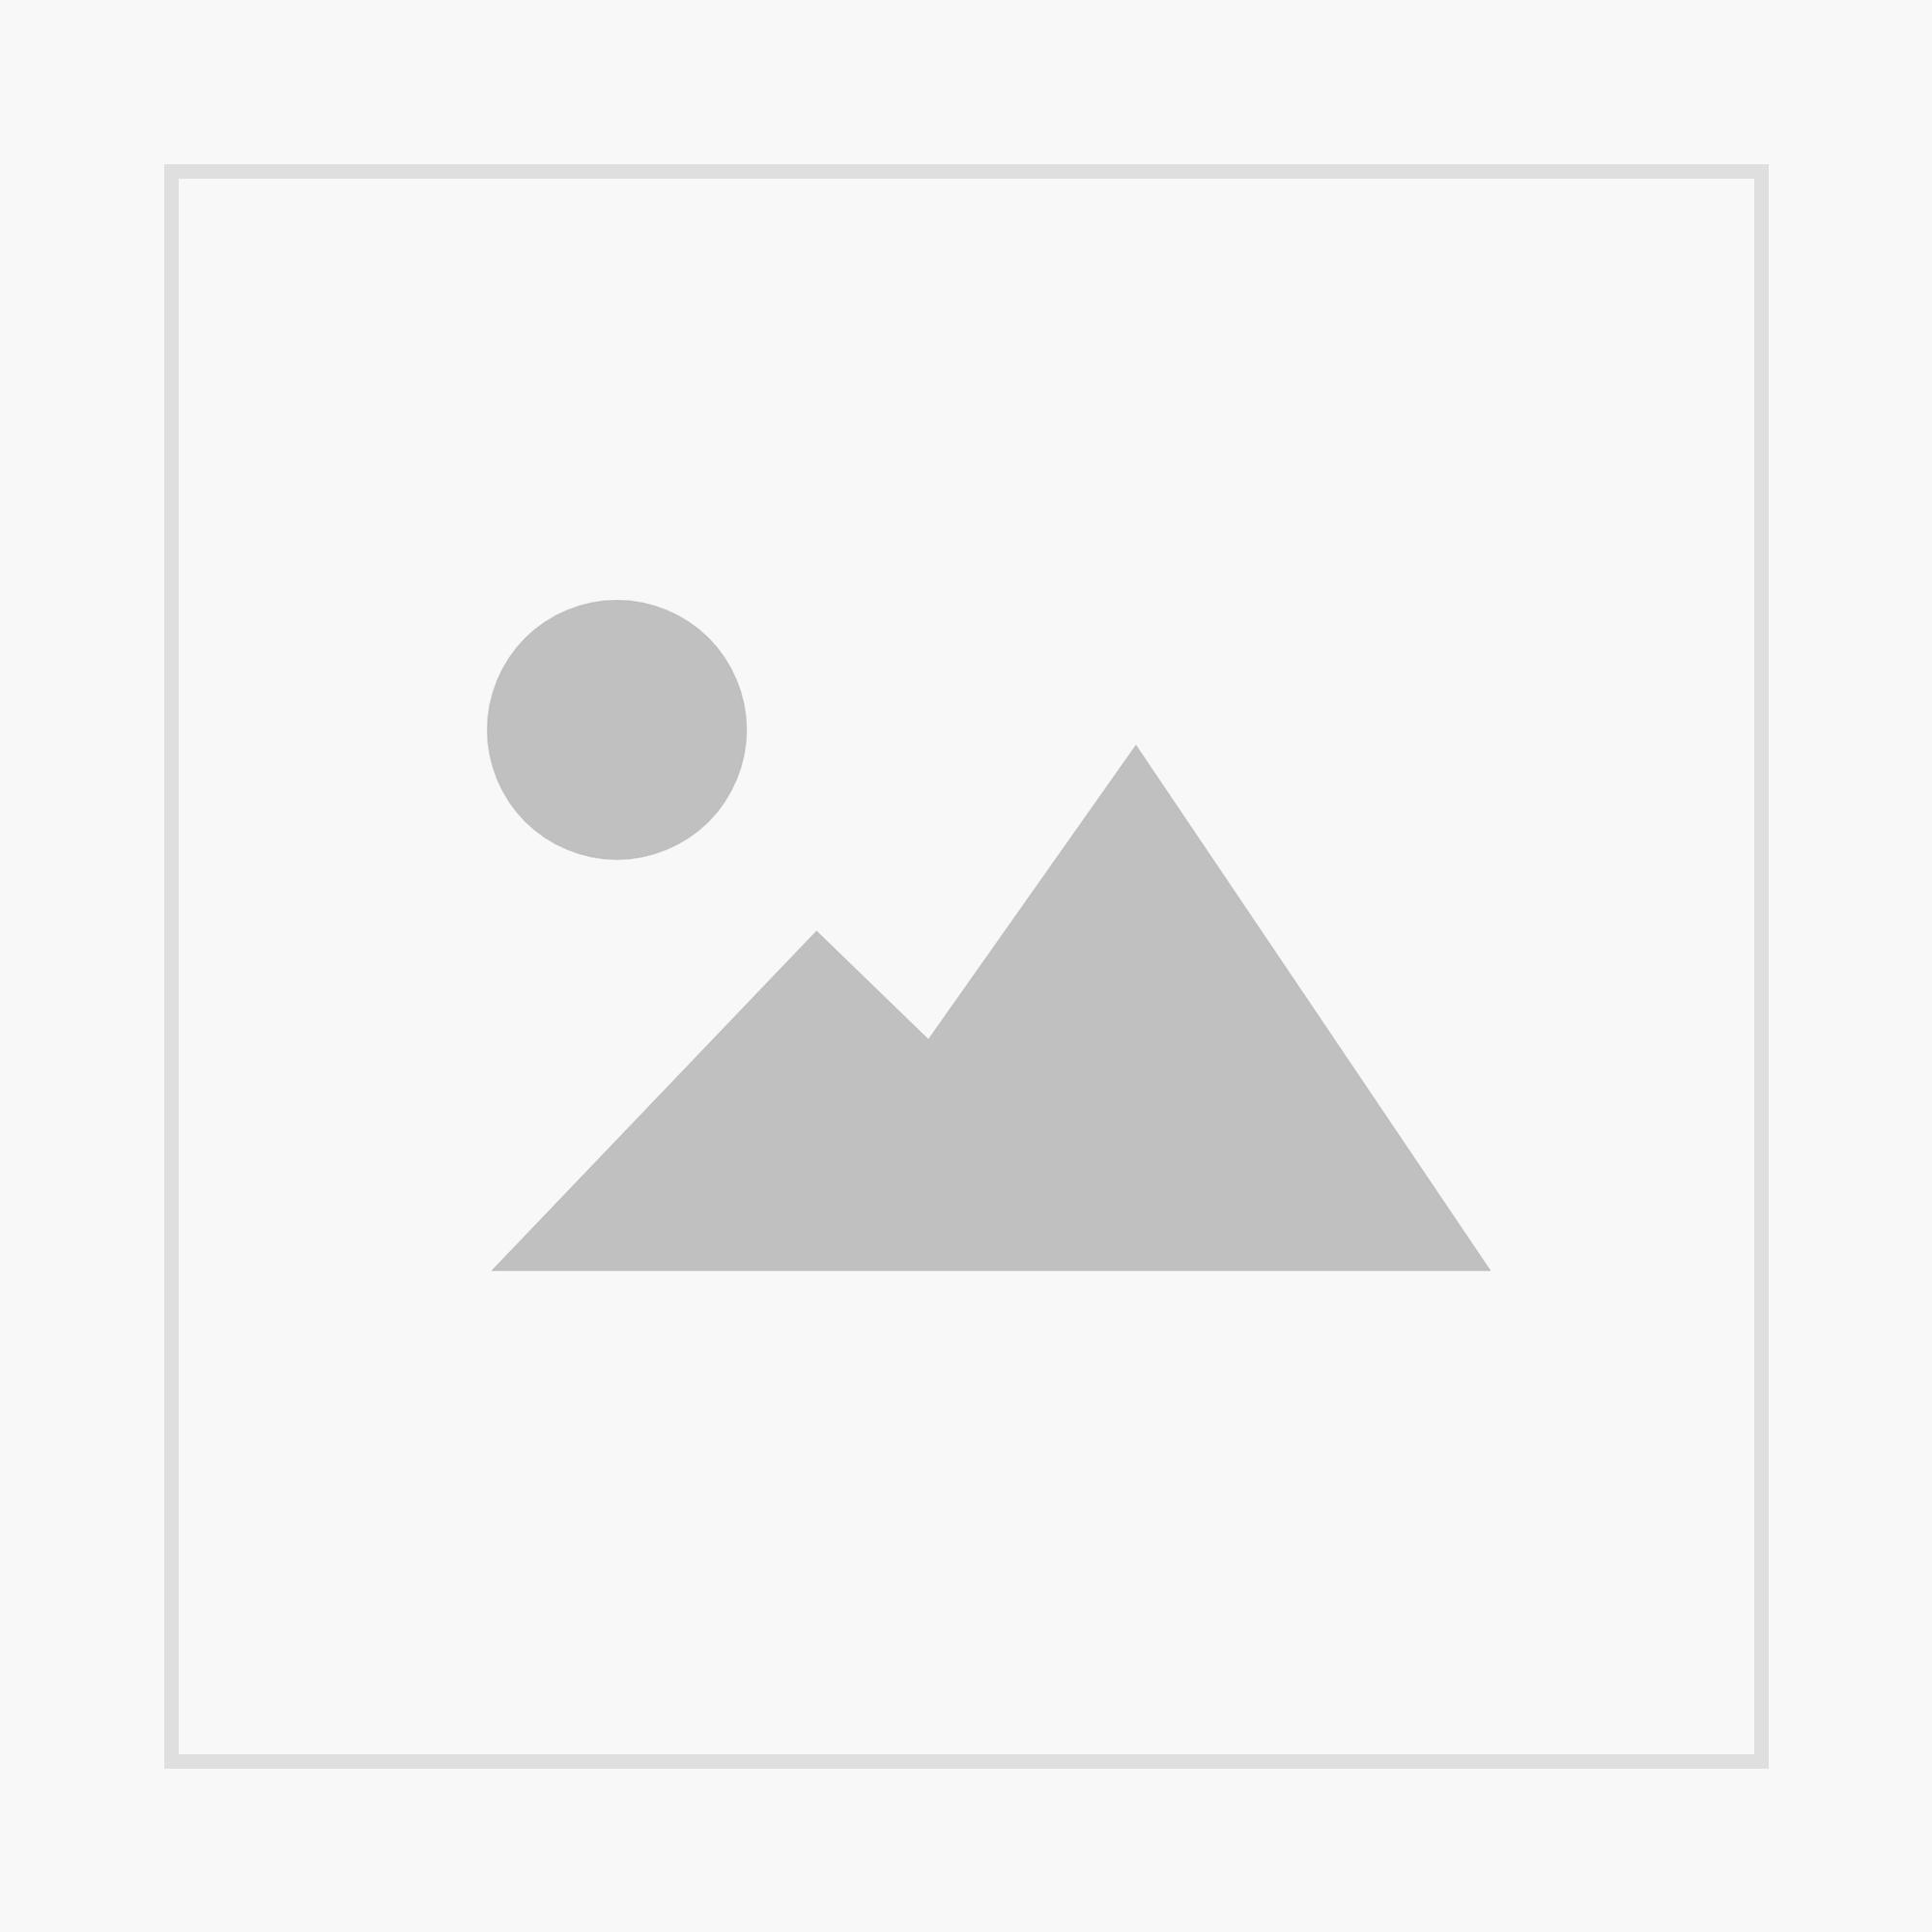 Landwirtschaft in Australien 3-fach DVD Sammelbox